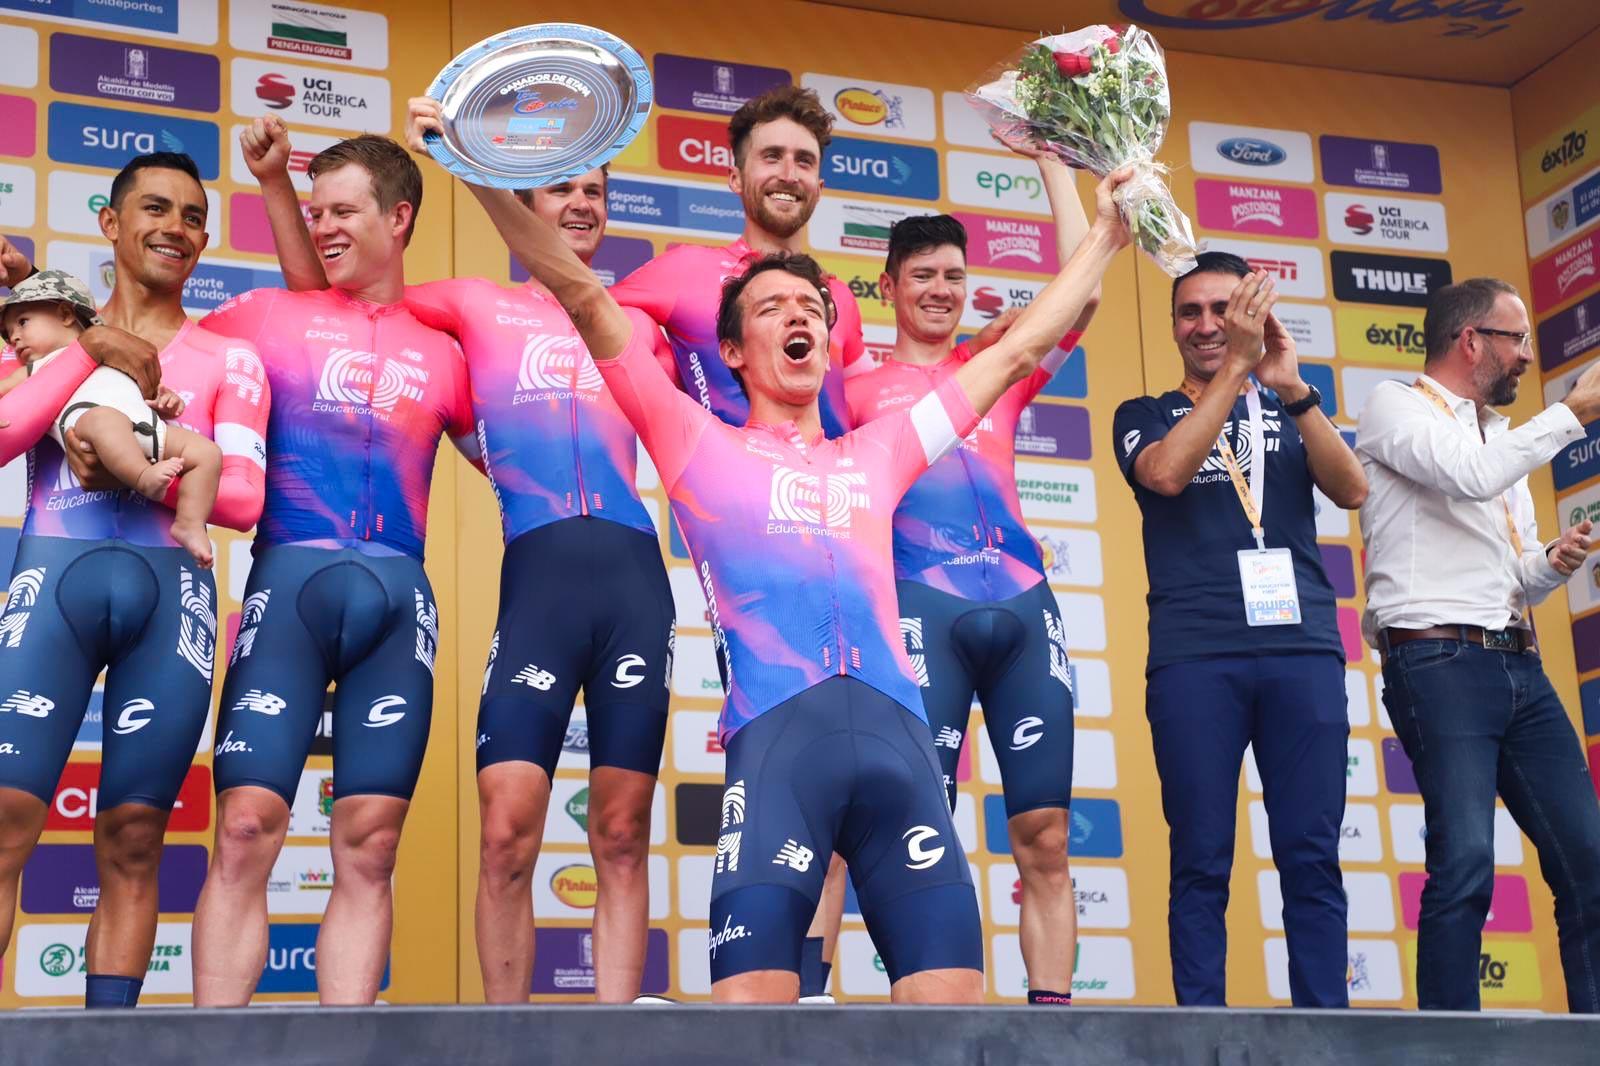 La EF Education First di Rigoberto Uran vince la cronosquadre, prima tappa del Tour Colombia 2019